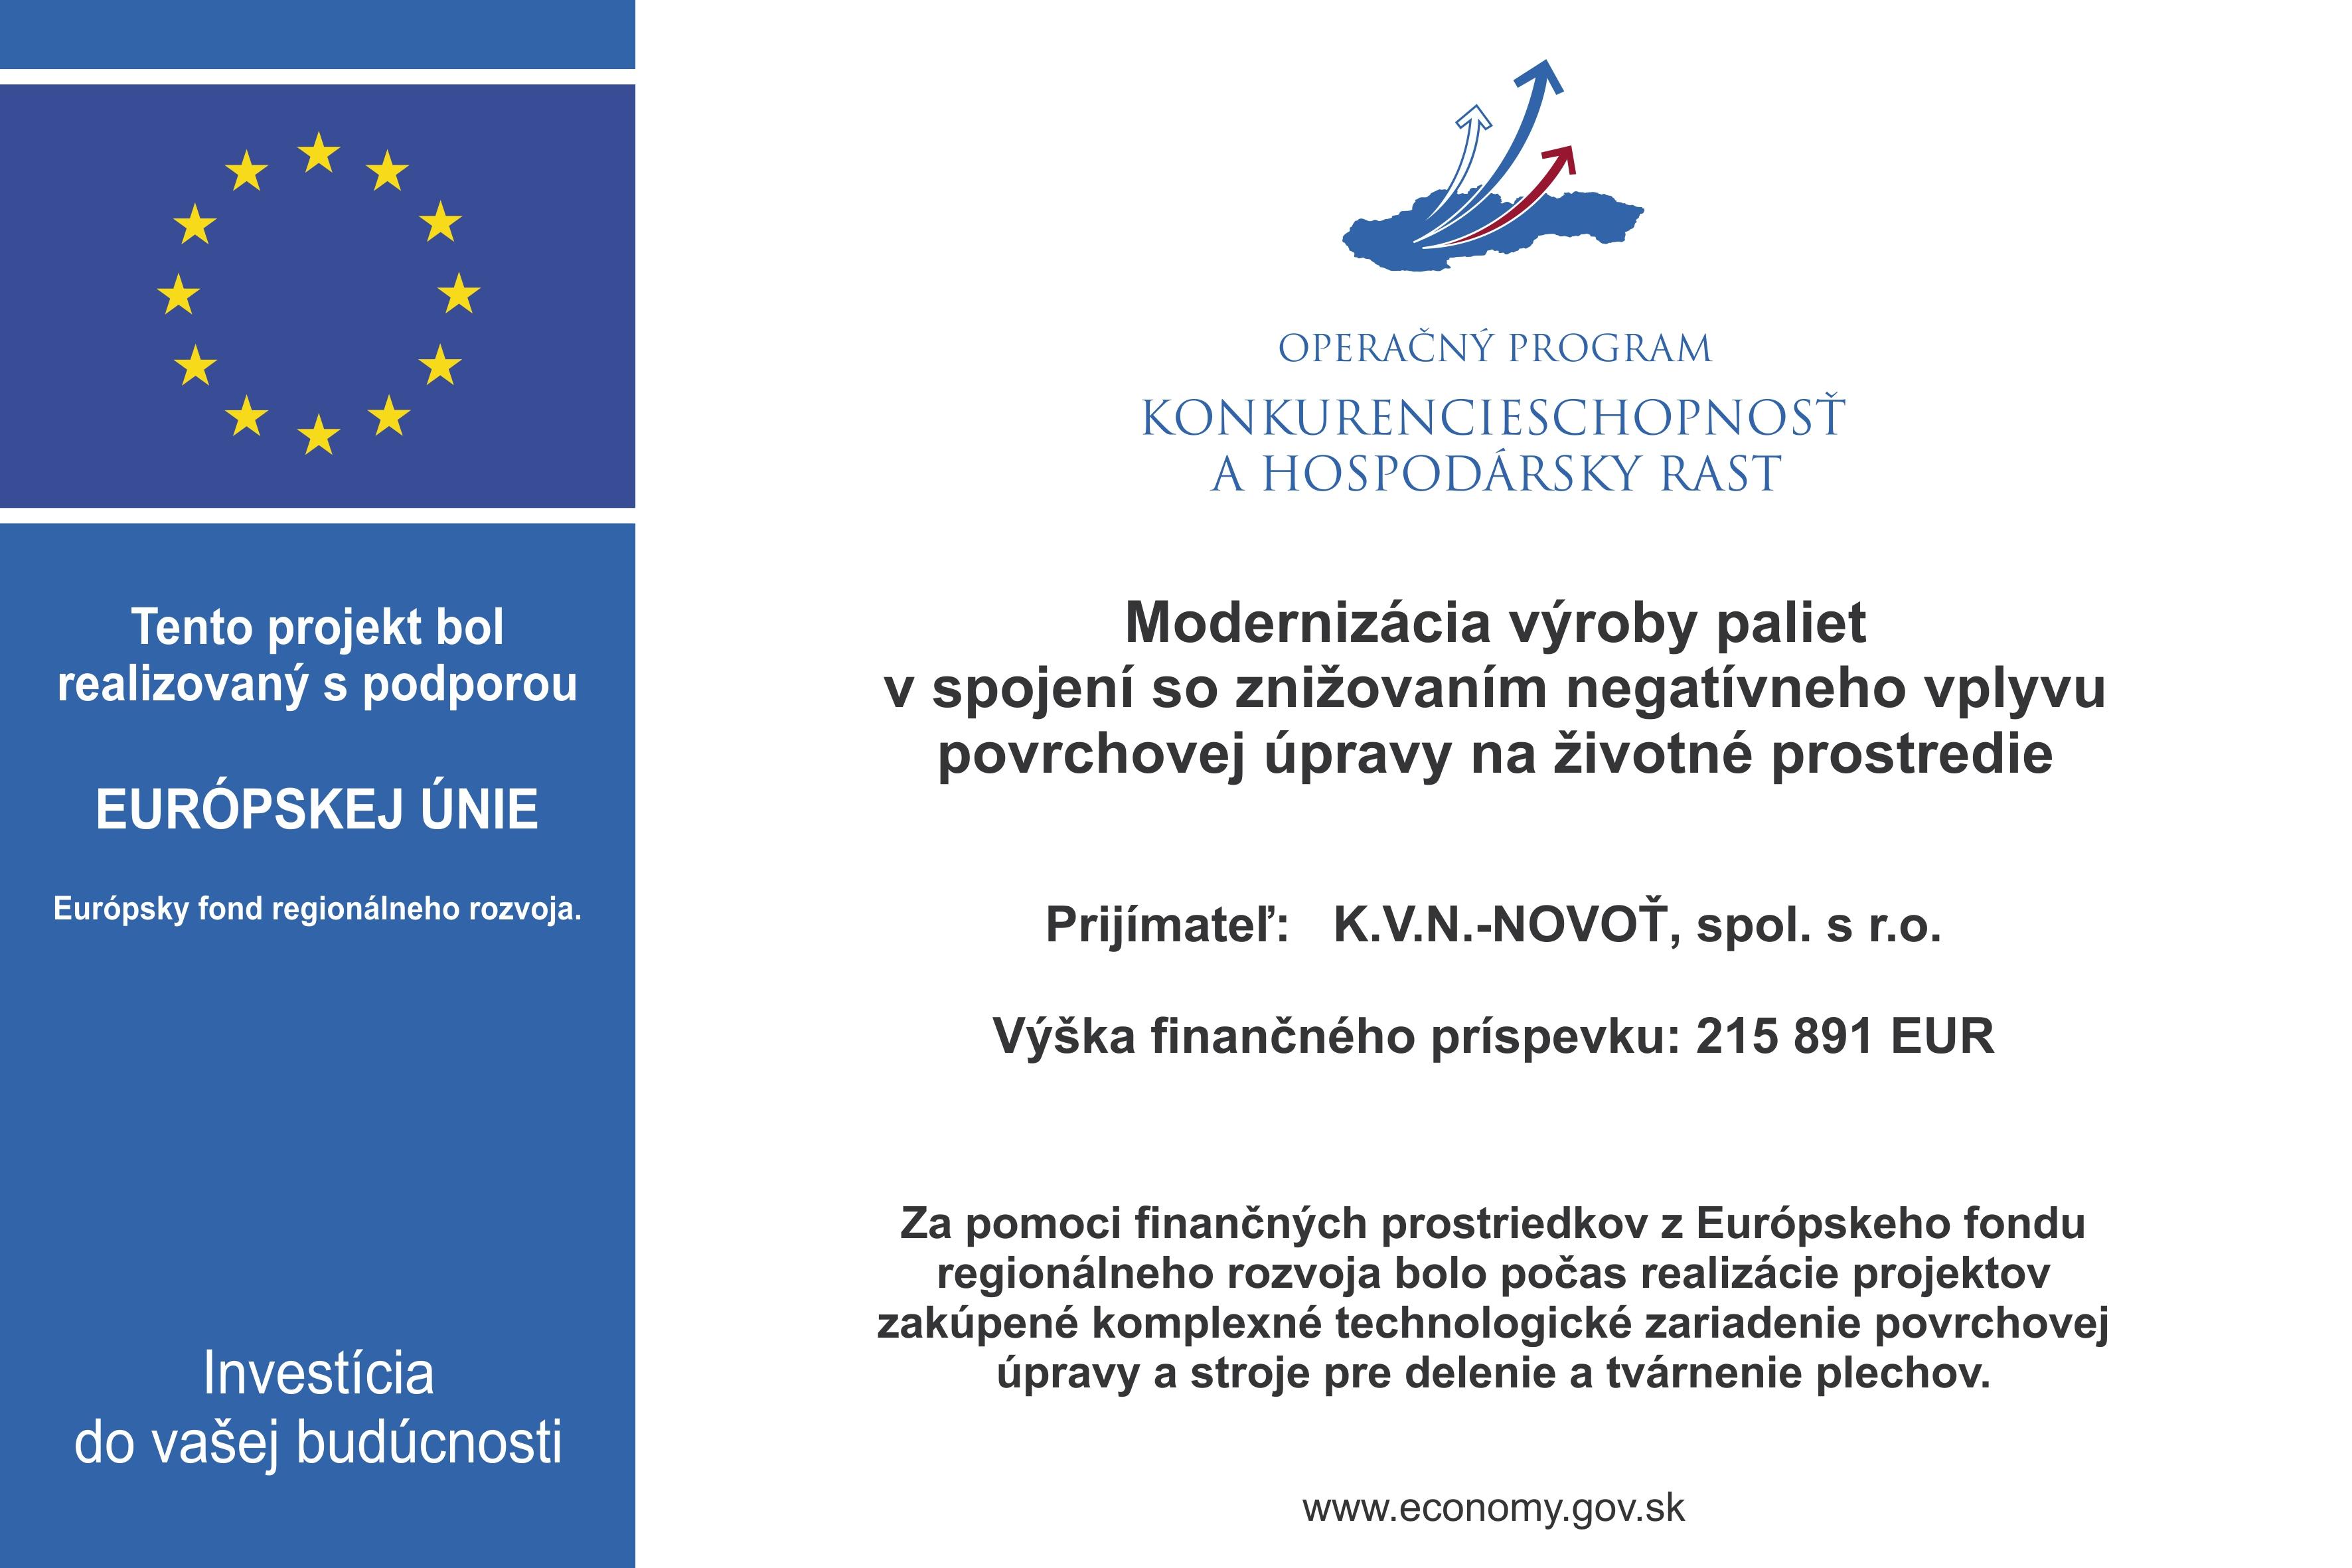 Výroba kovových paliet | Kovovýroba Novoť